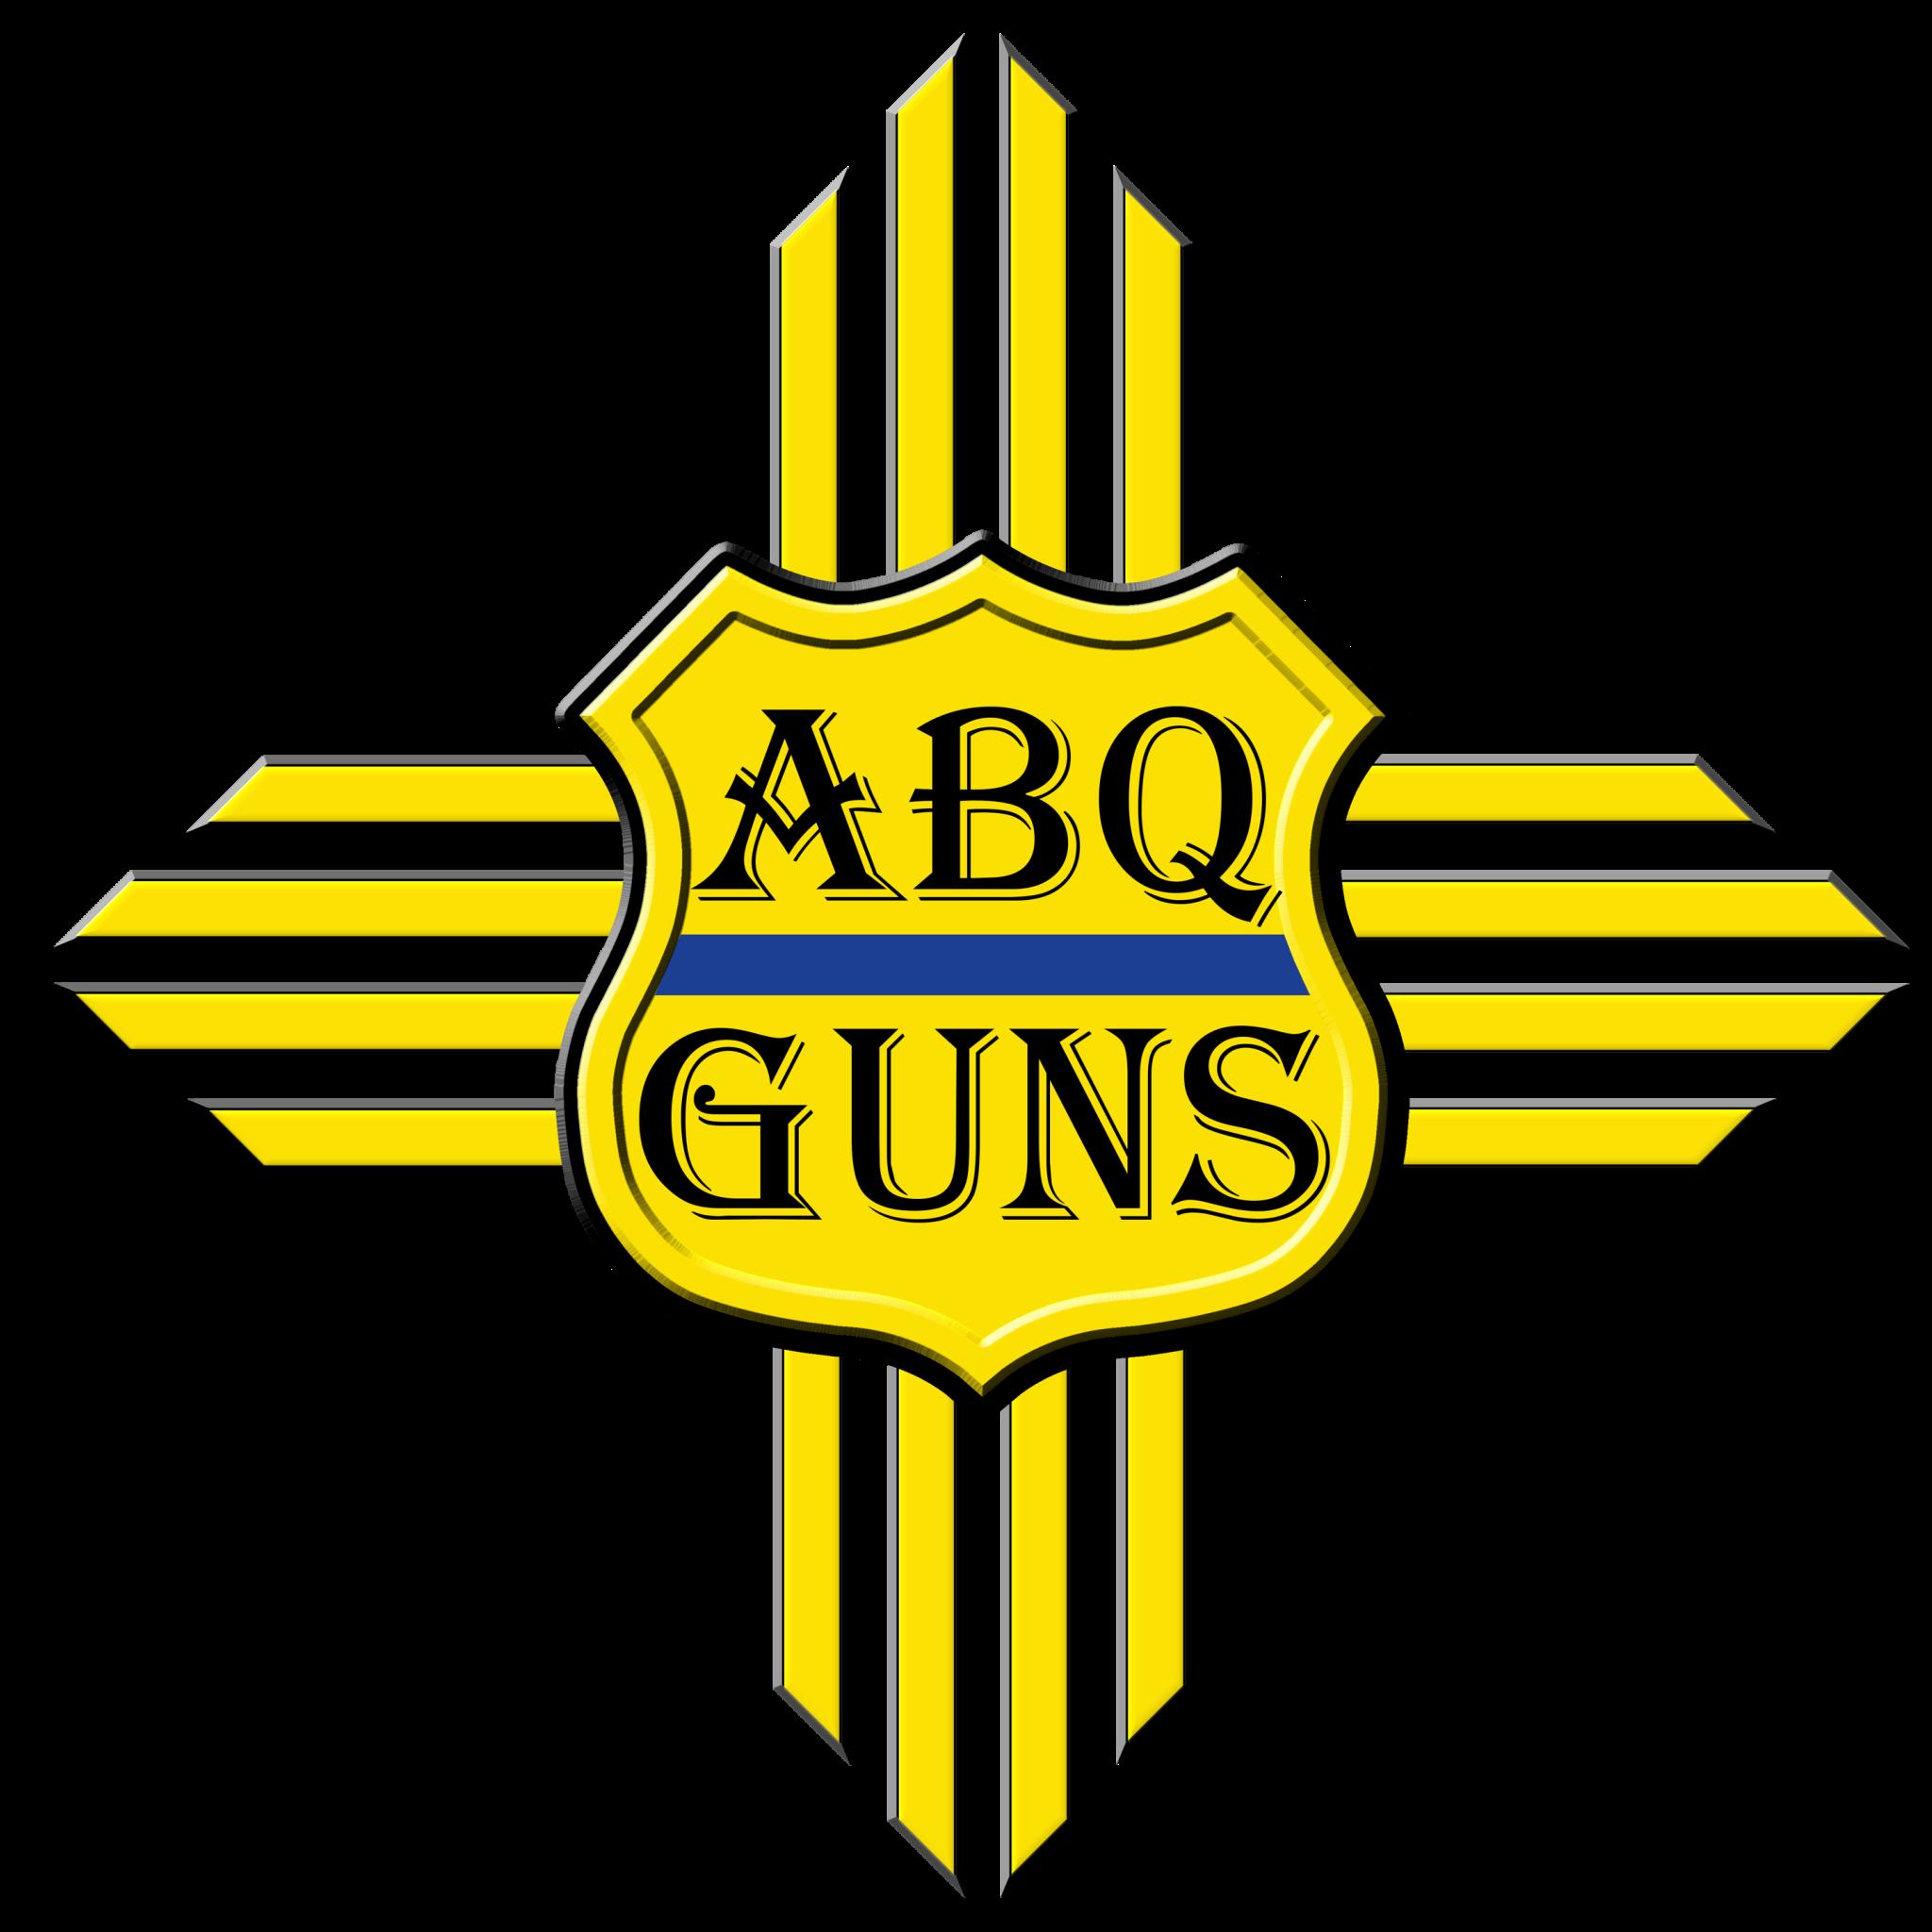 ABQ GUNS / Albuquerque Guns - Albuquerque, NM - Sports Clubs